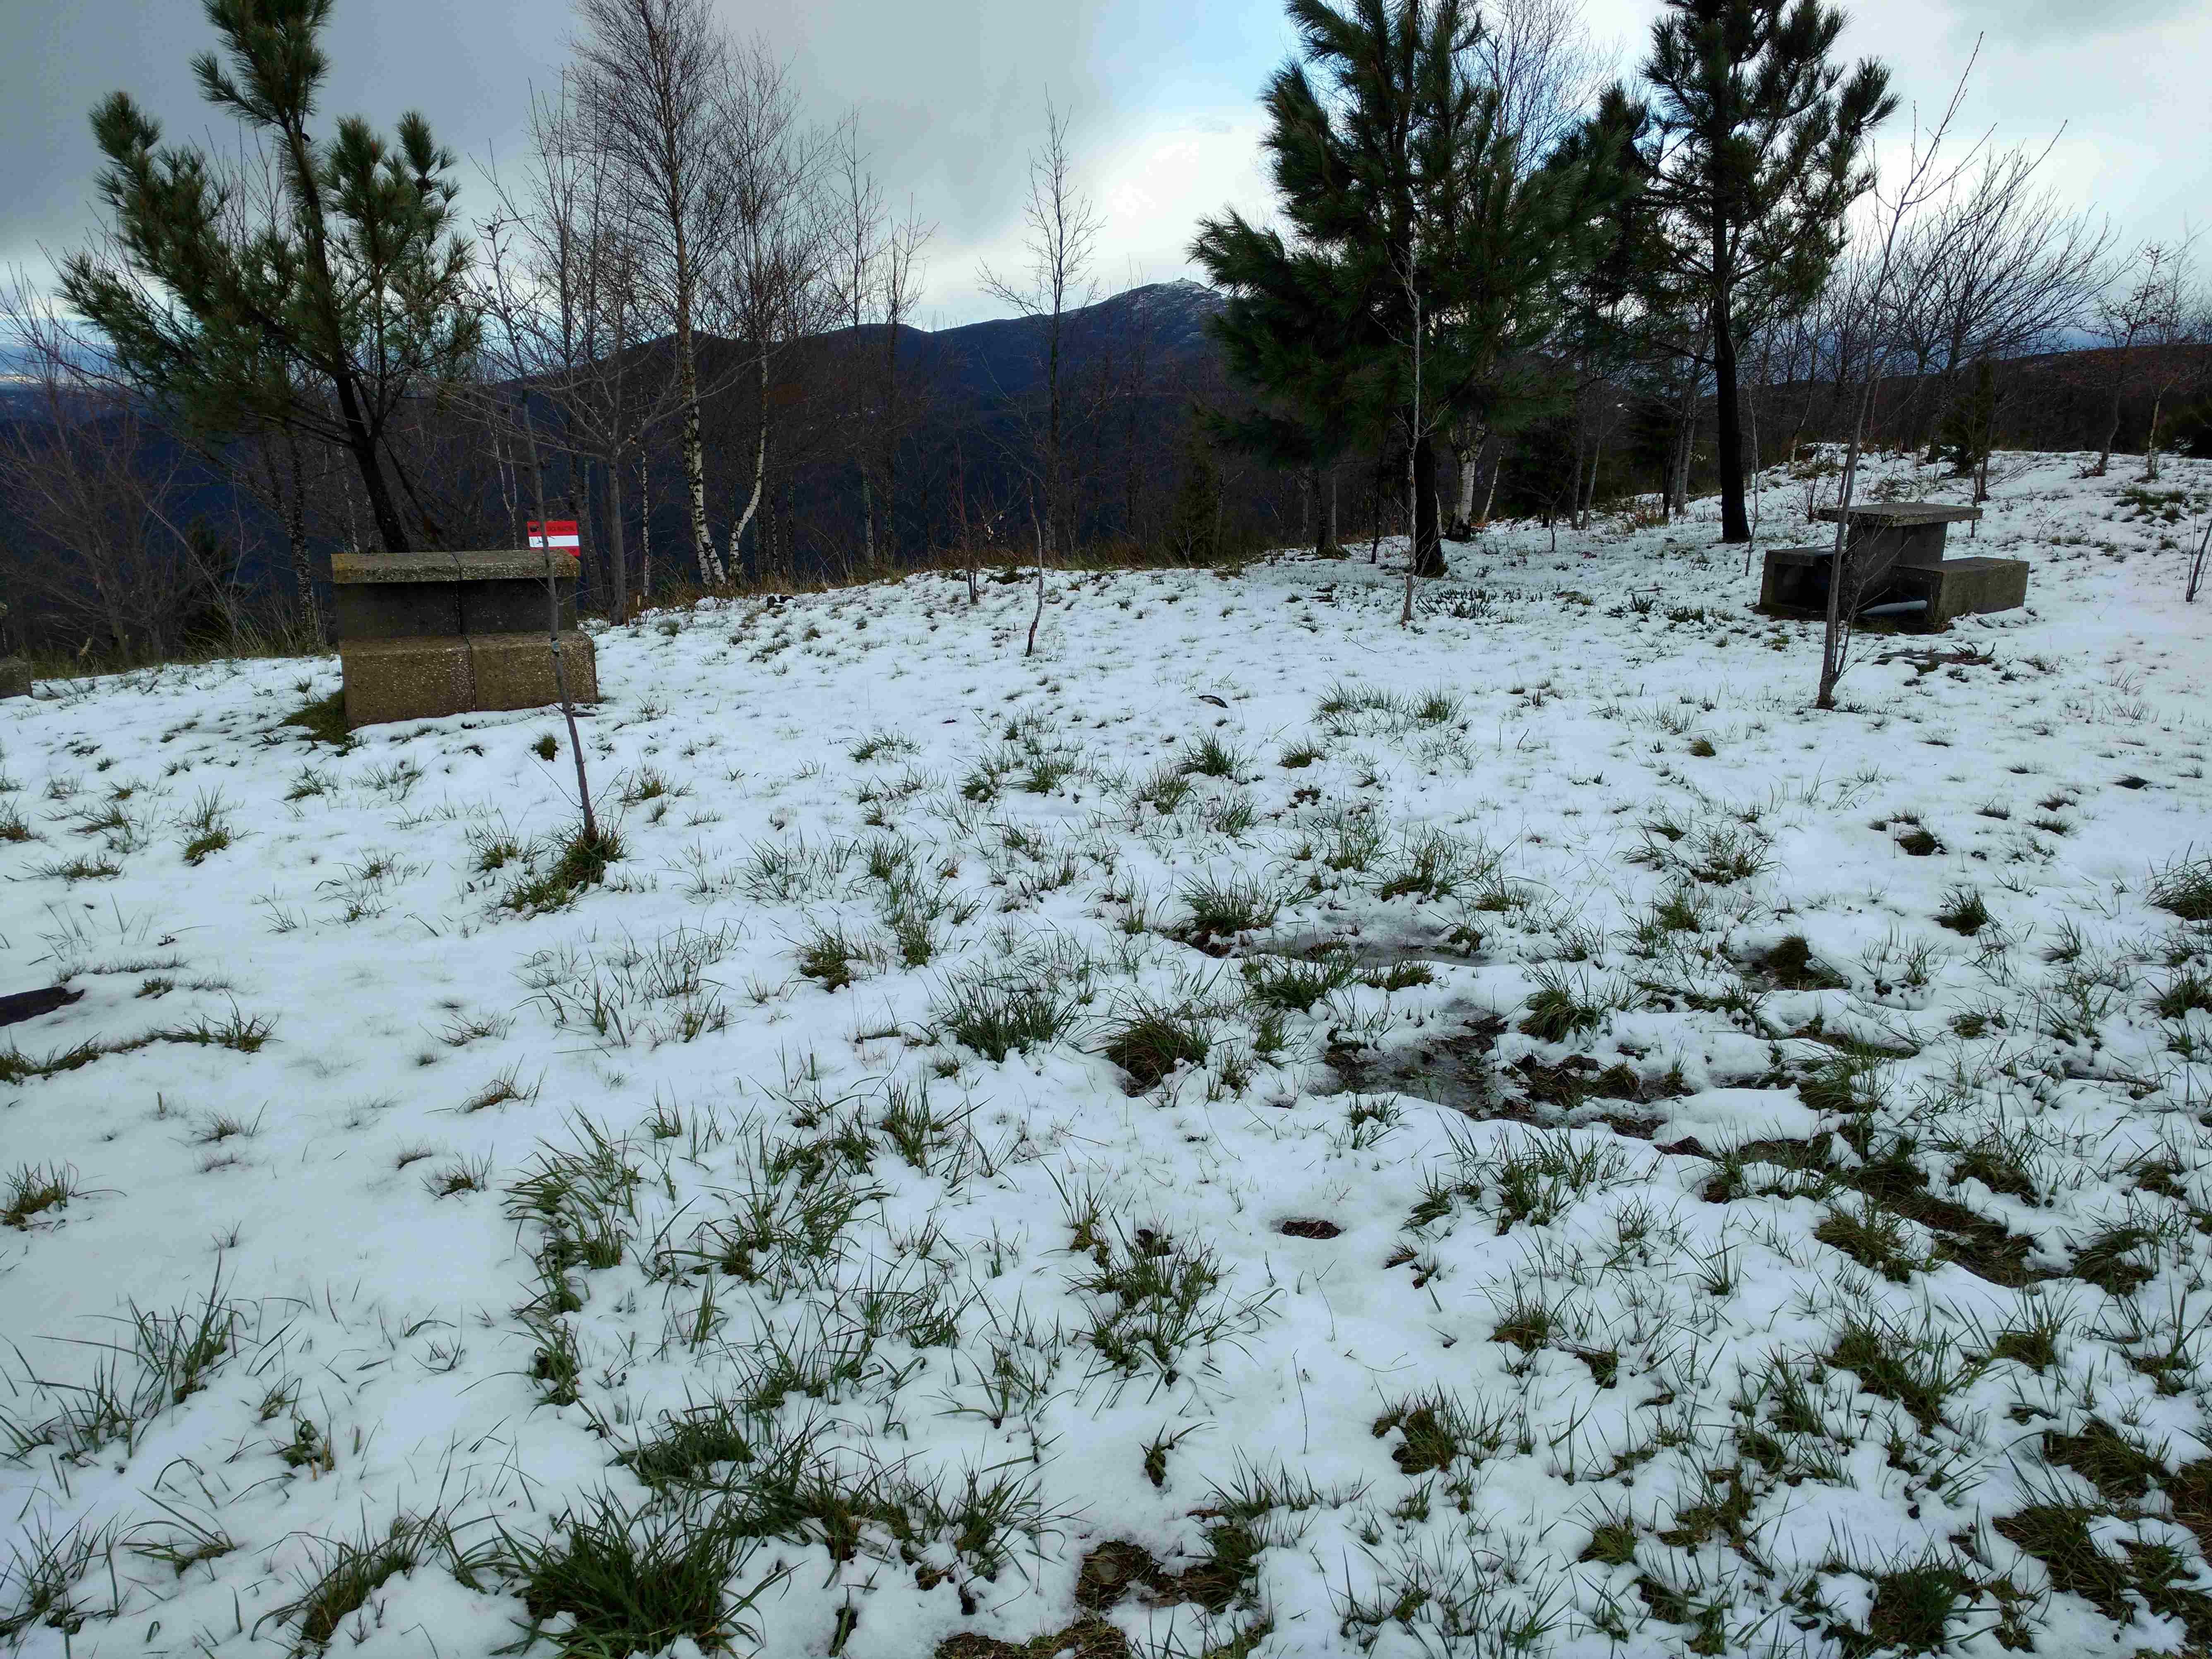 Neve no parque de merendas na estrada municipal no sentido Côja - Tojo, vista de sudoeste para nordeste, no Sábado, 25 de Março de 2017